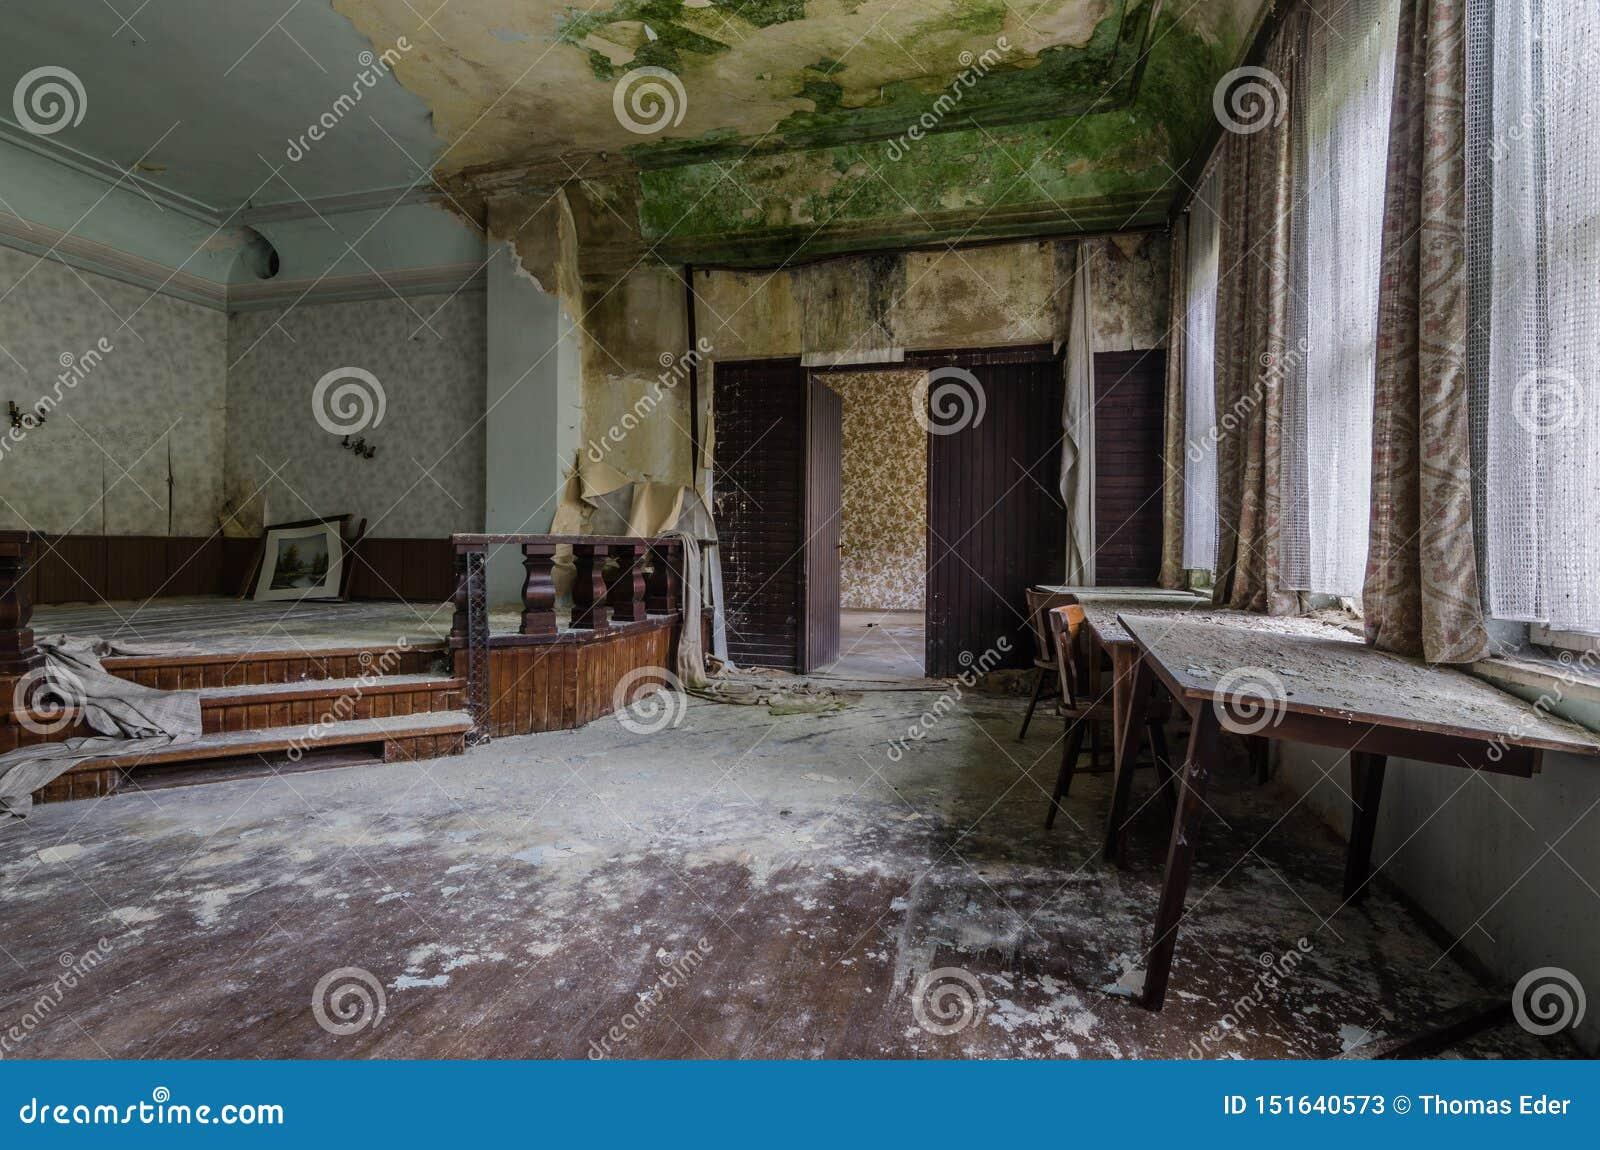 Scena z zieloną foremką w pensjonacie